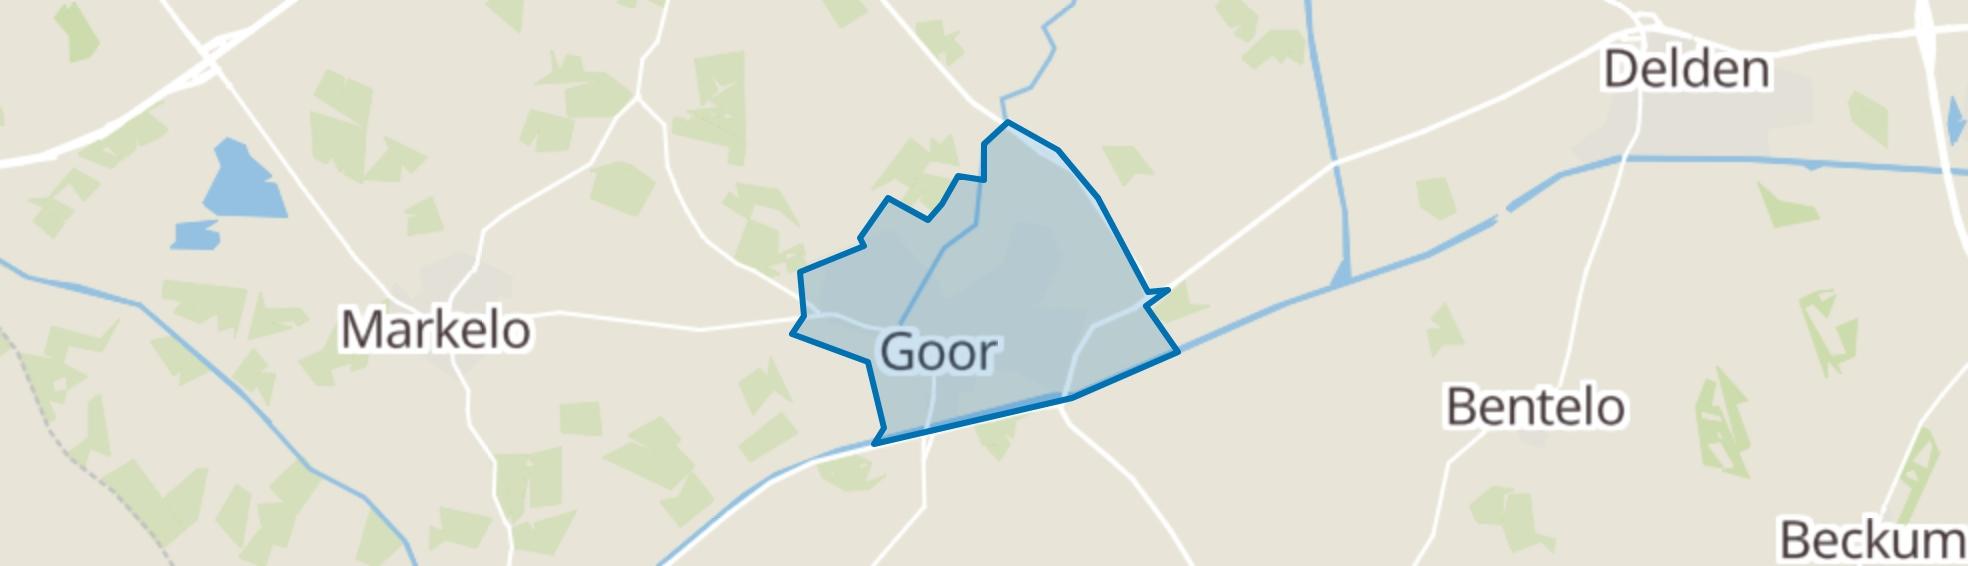 Goor map